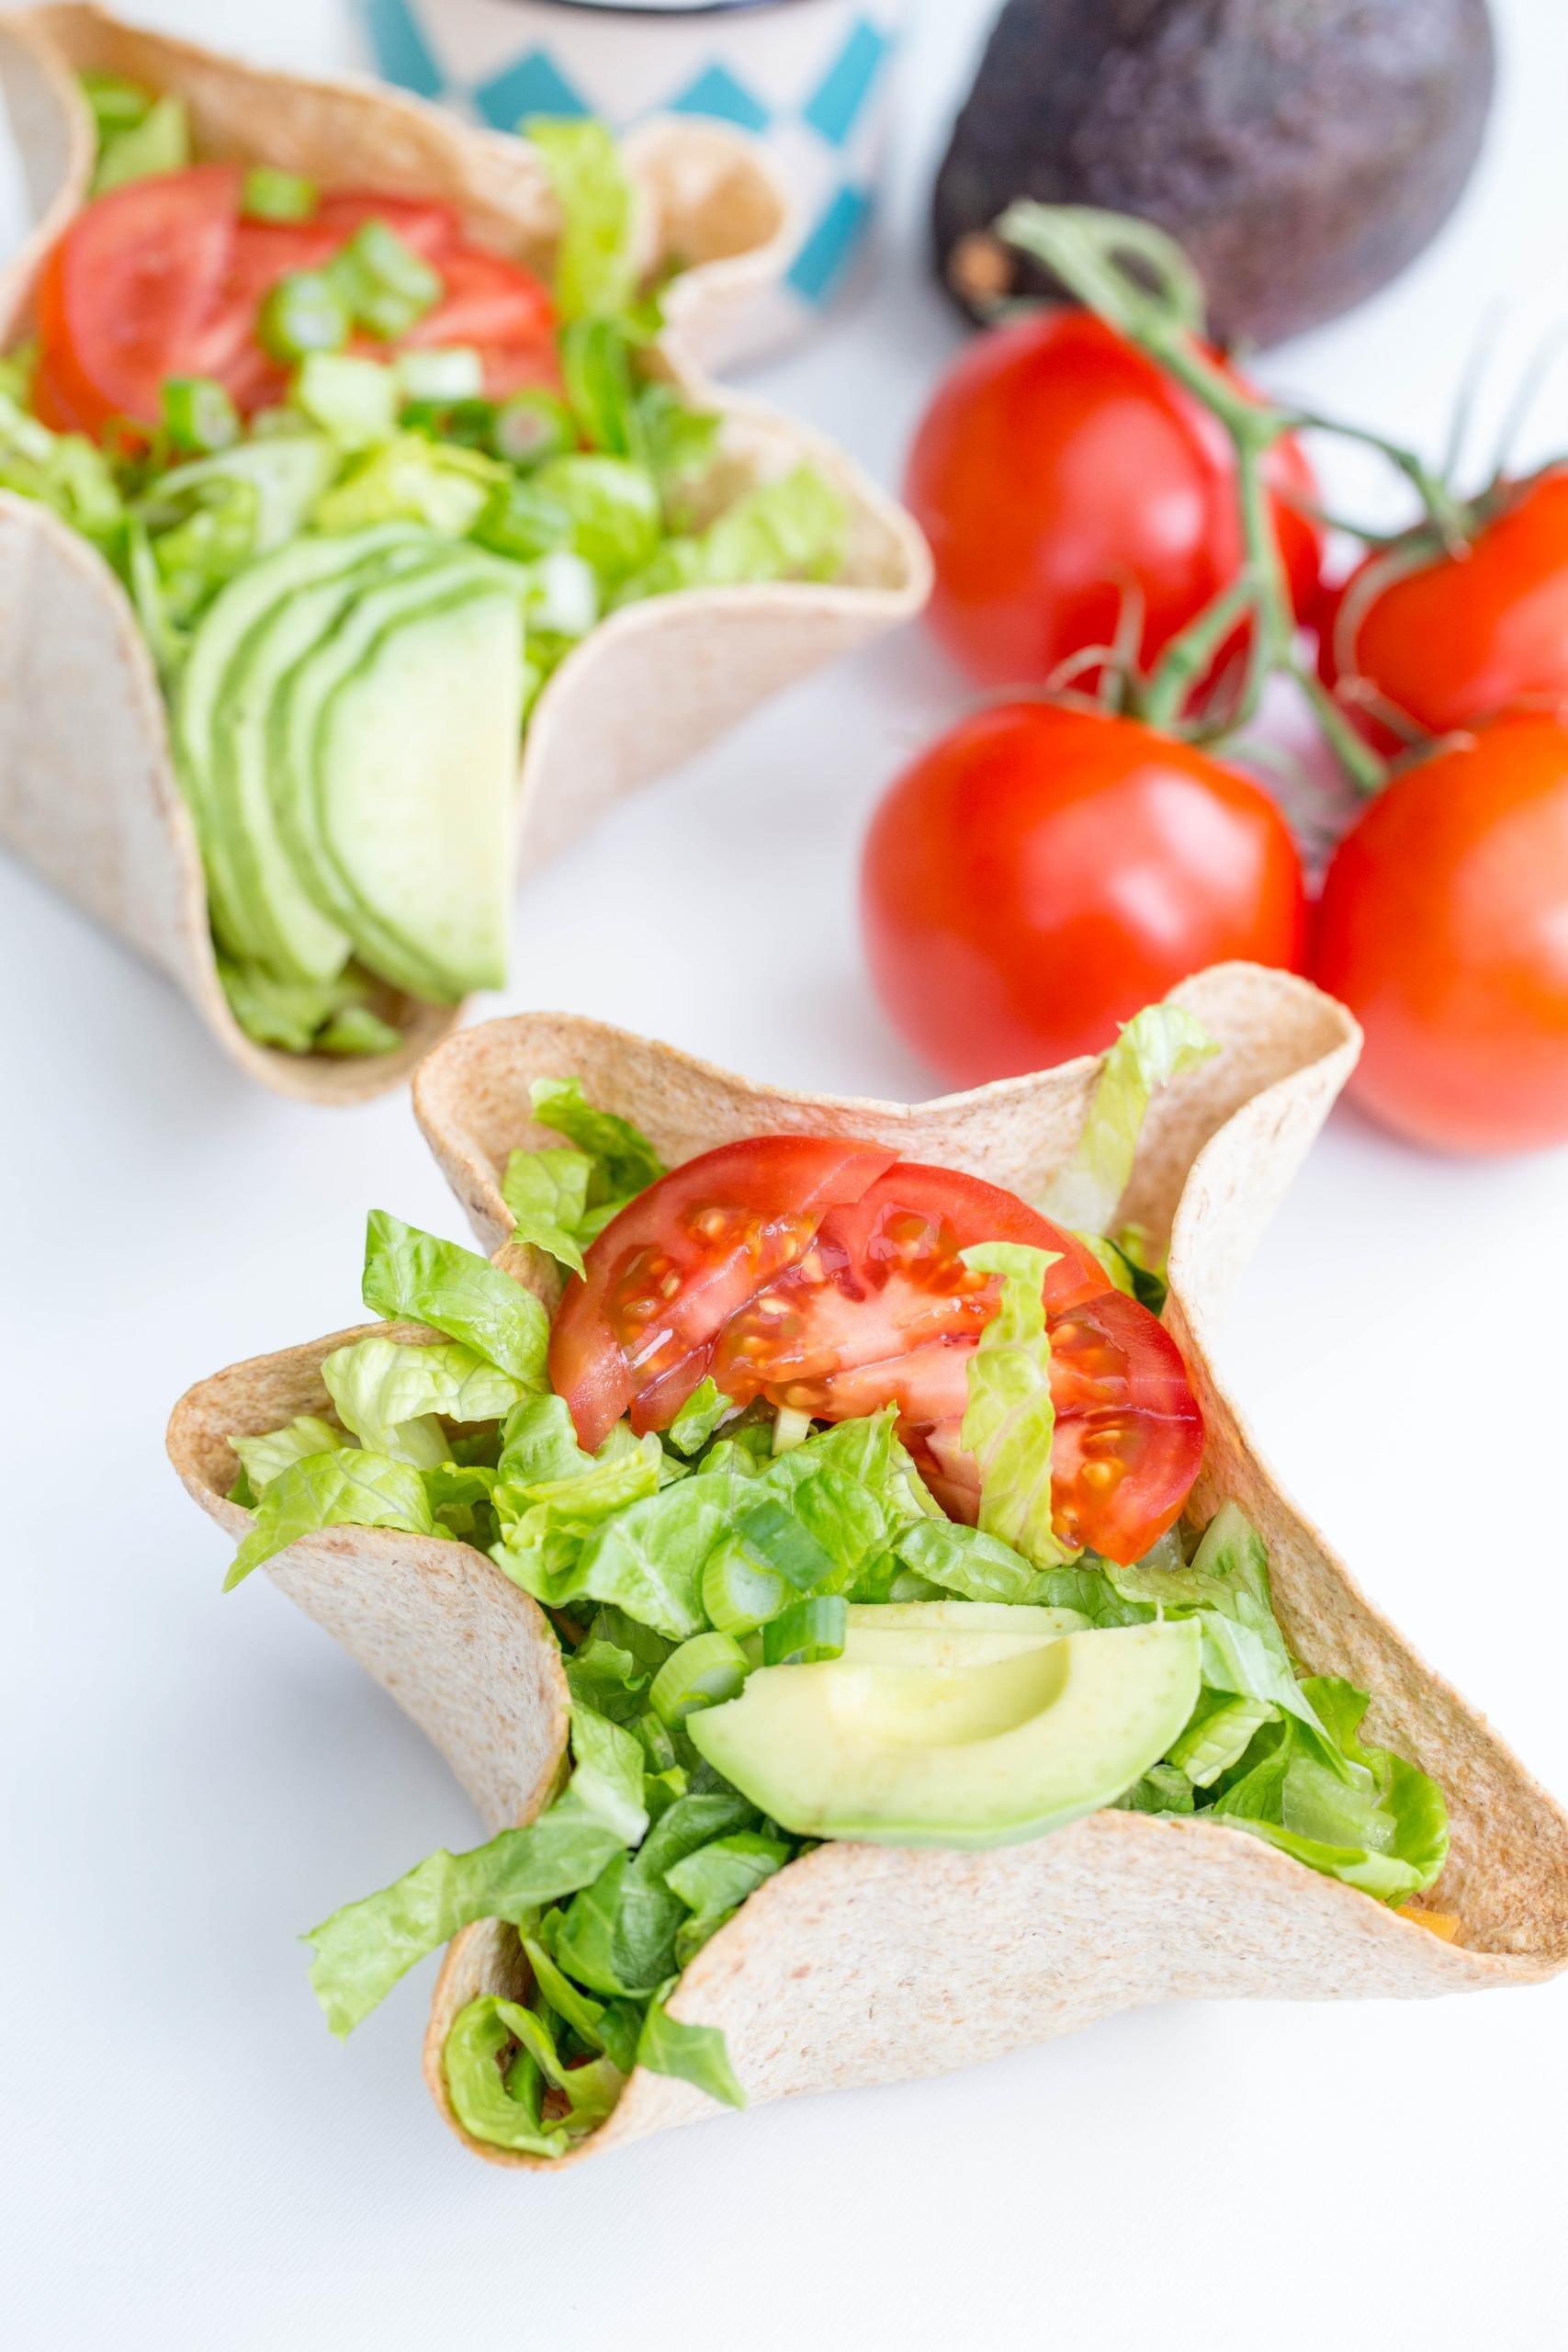 Tostada Salad on a plate